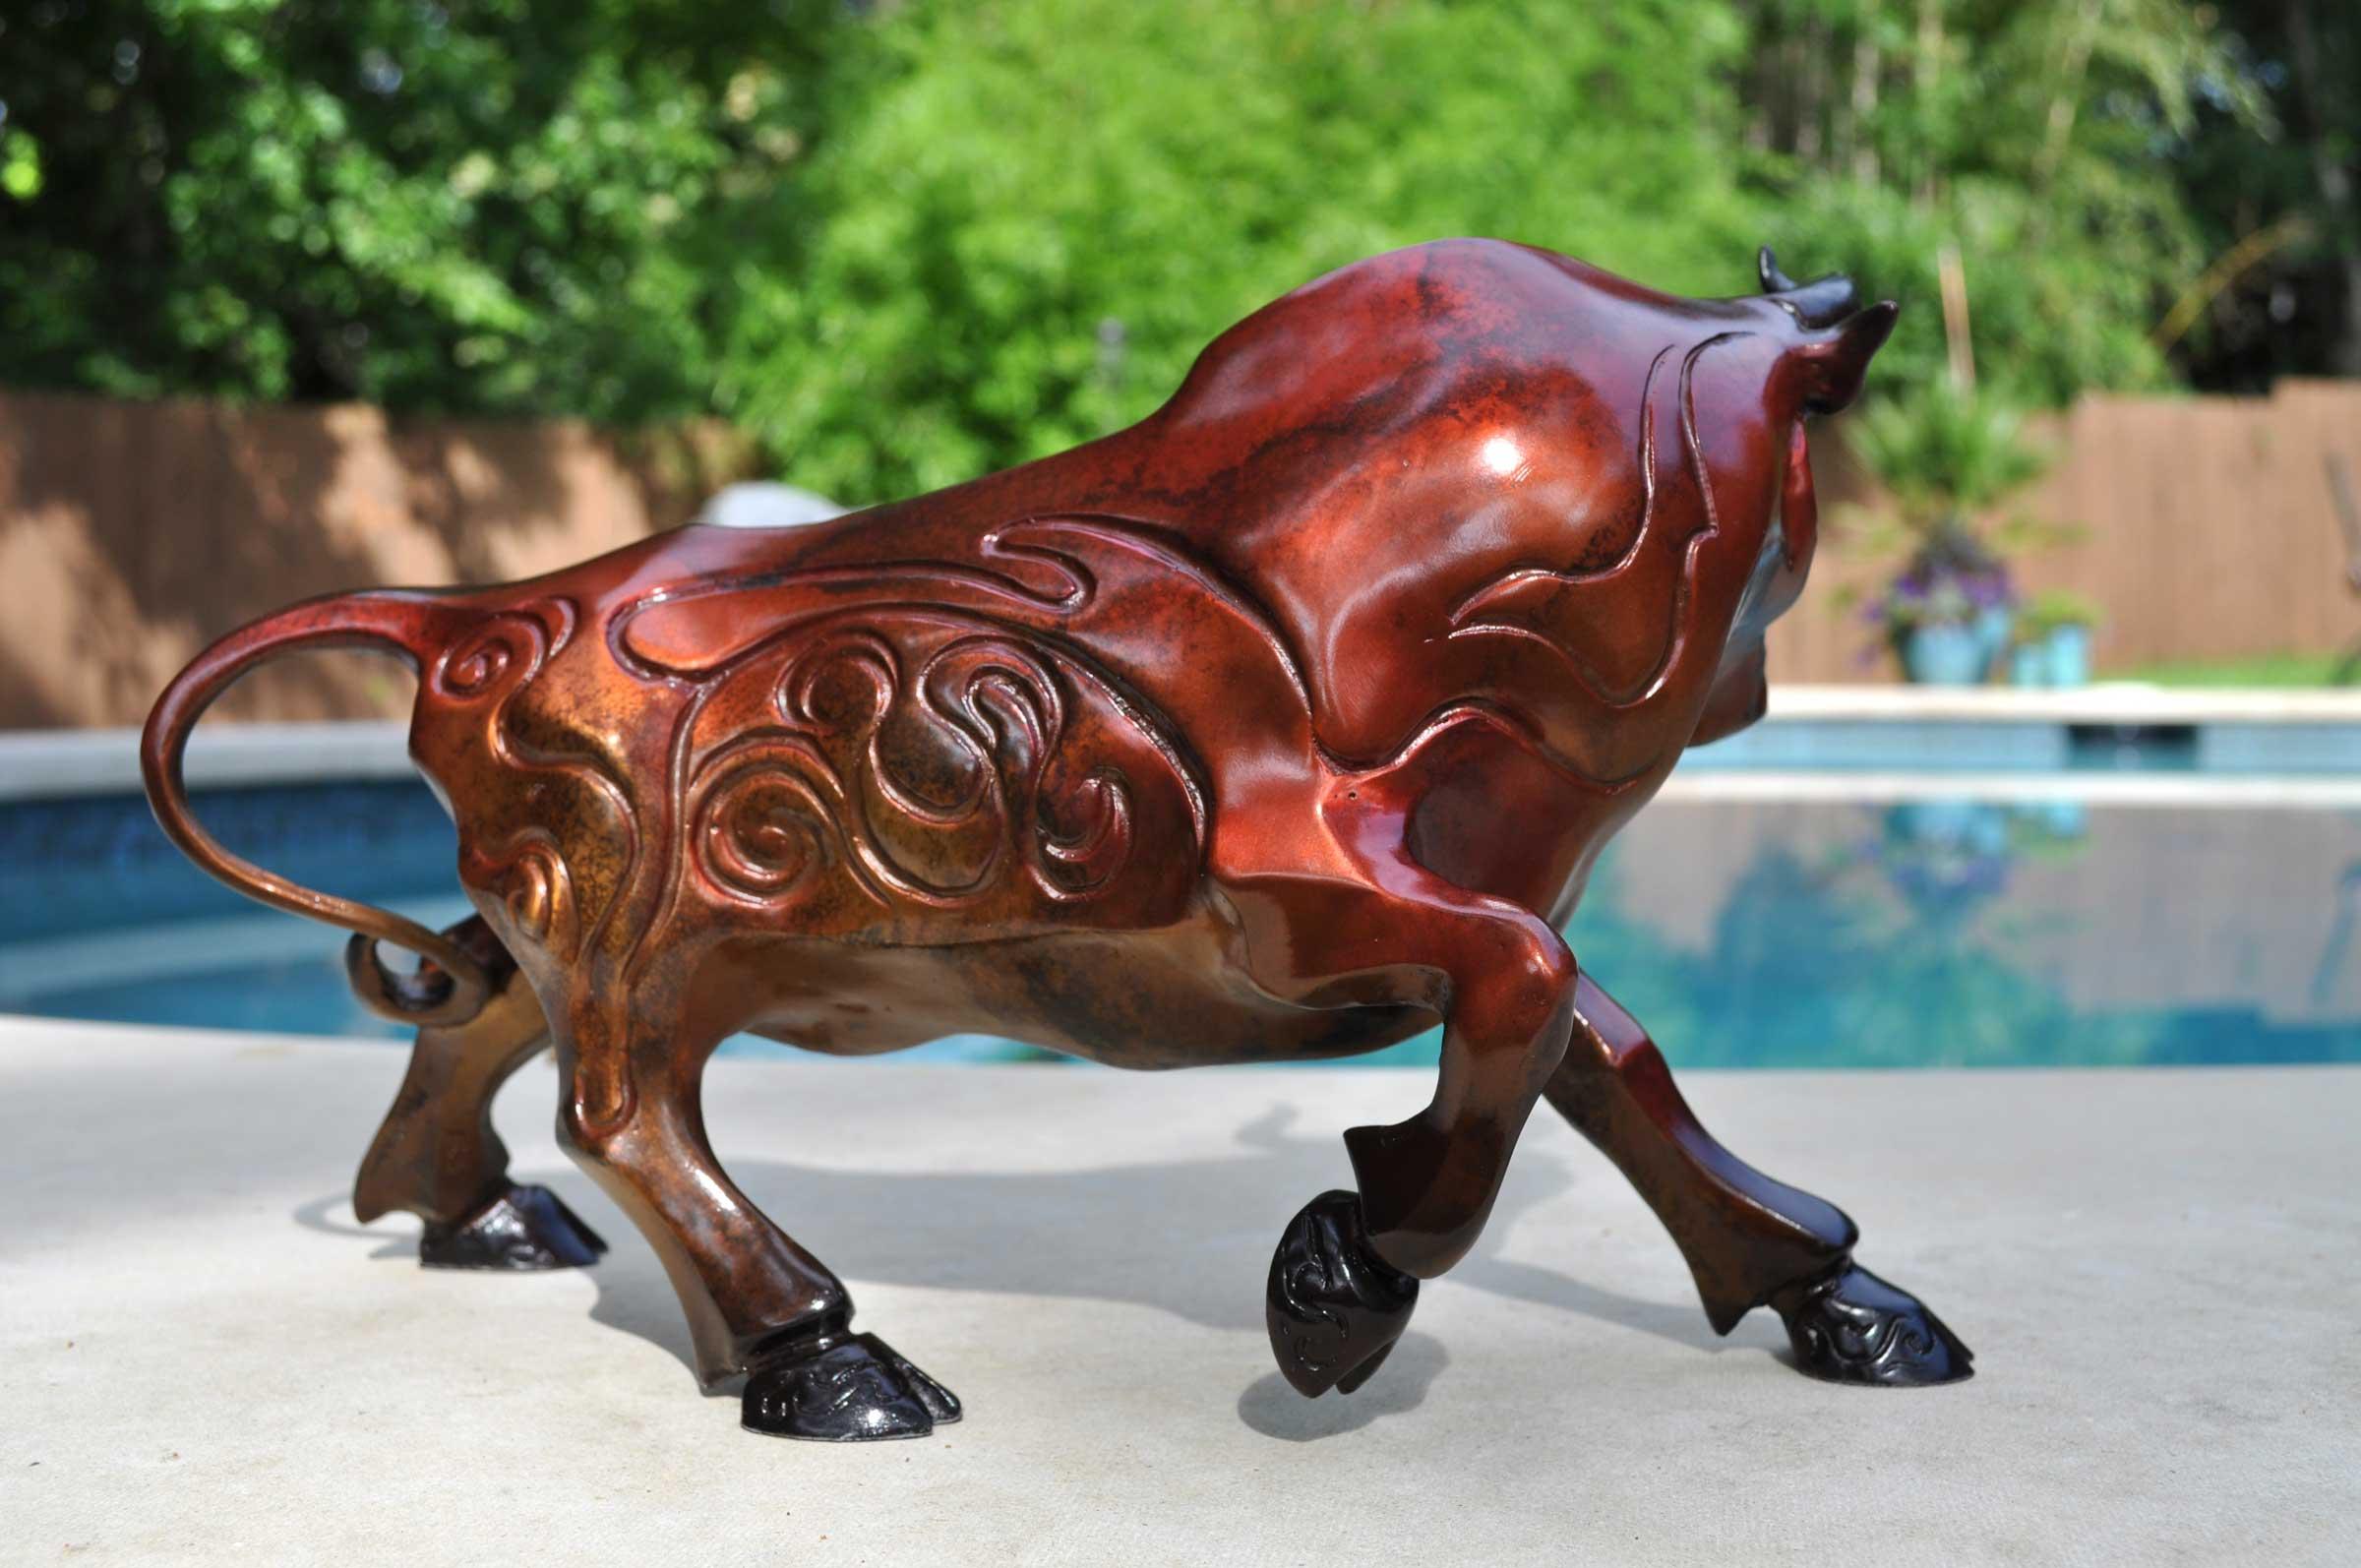 bronze-bull-sculpture-toro-john-maisano-3.jpg